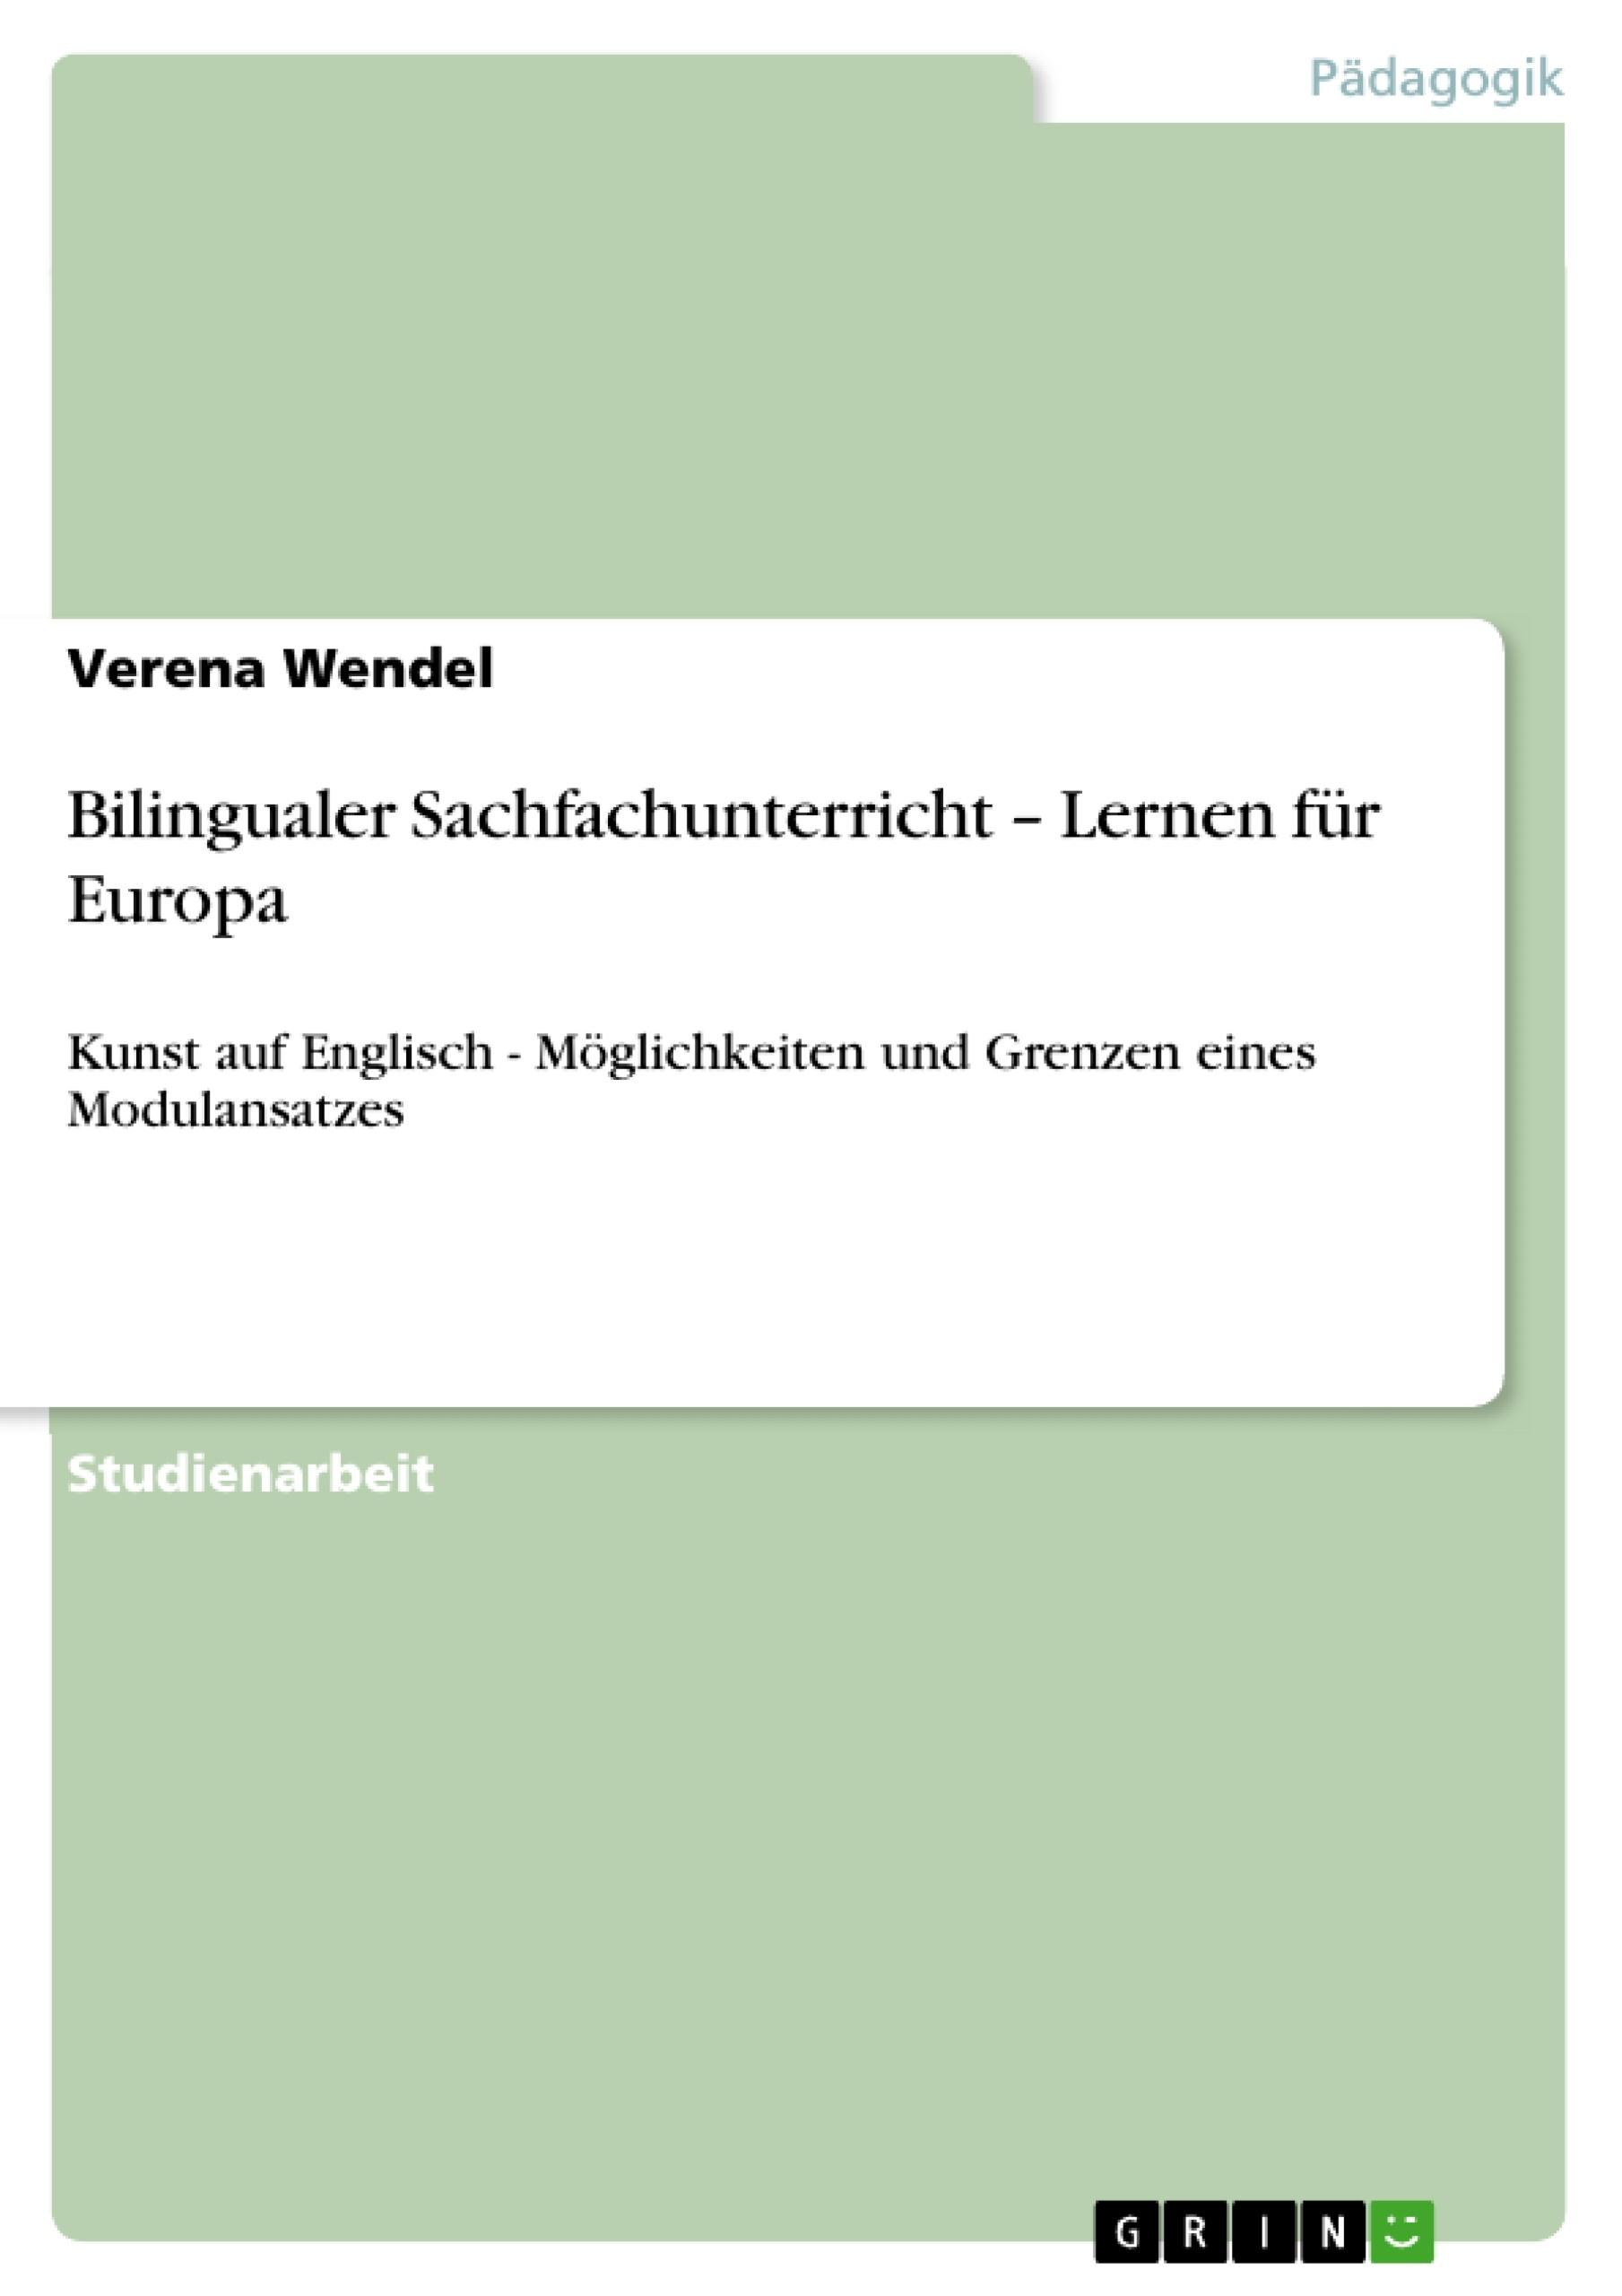 Titel: Bilingualer Sachfachunterricht – Lernen für Europa